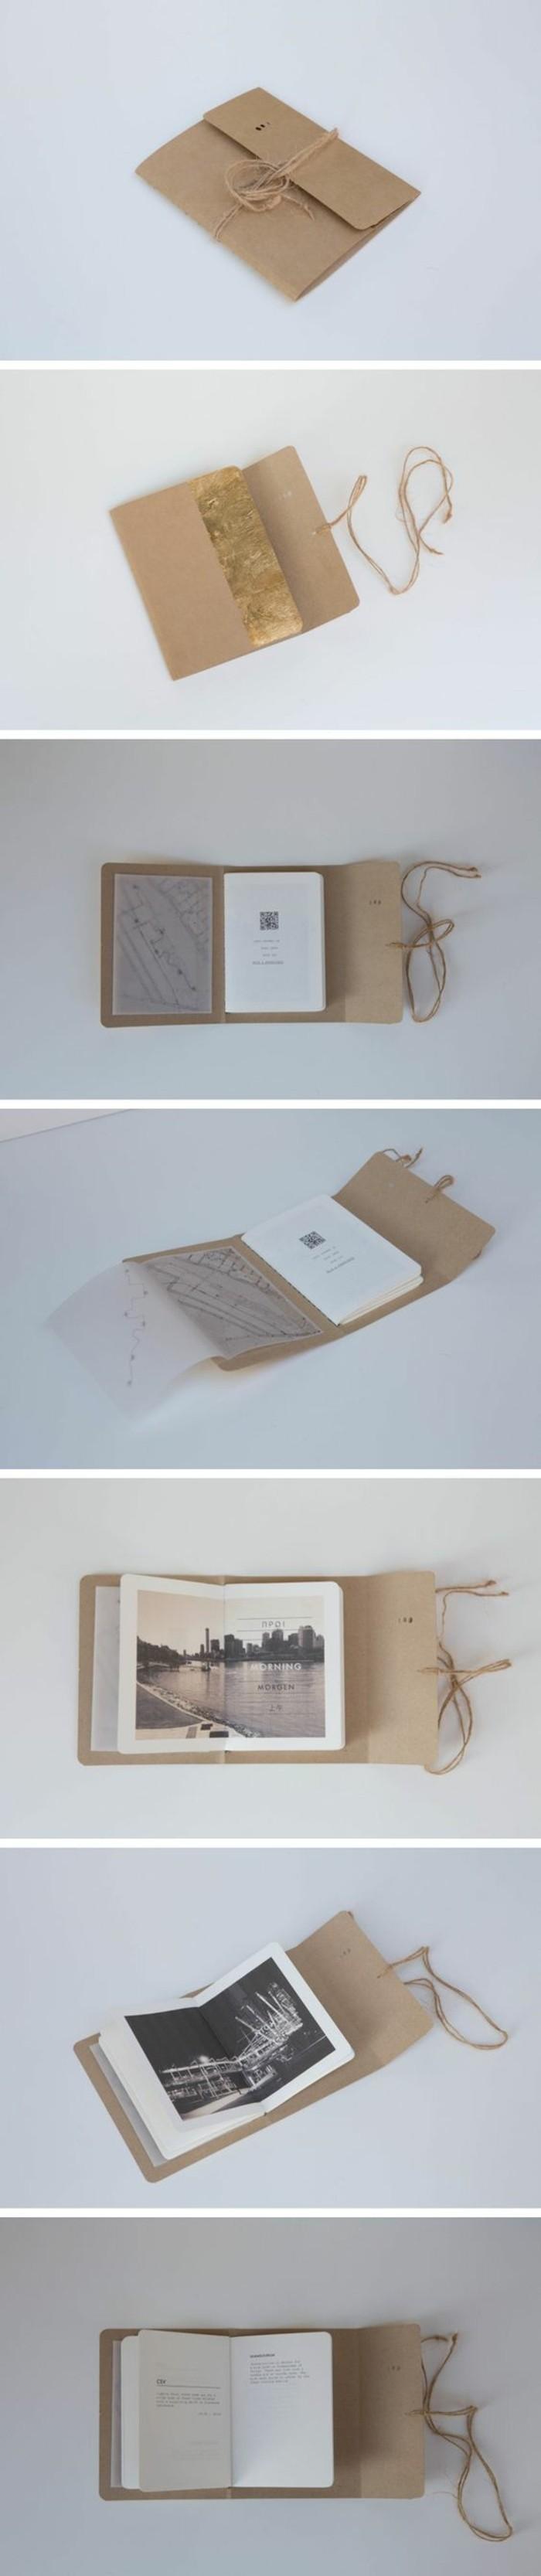 1001 ideen f r buchumschlag selber machen wie ist da. Black Bedroom Furniture Sets. Home Design Ideas